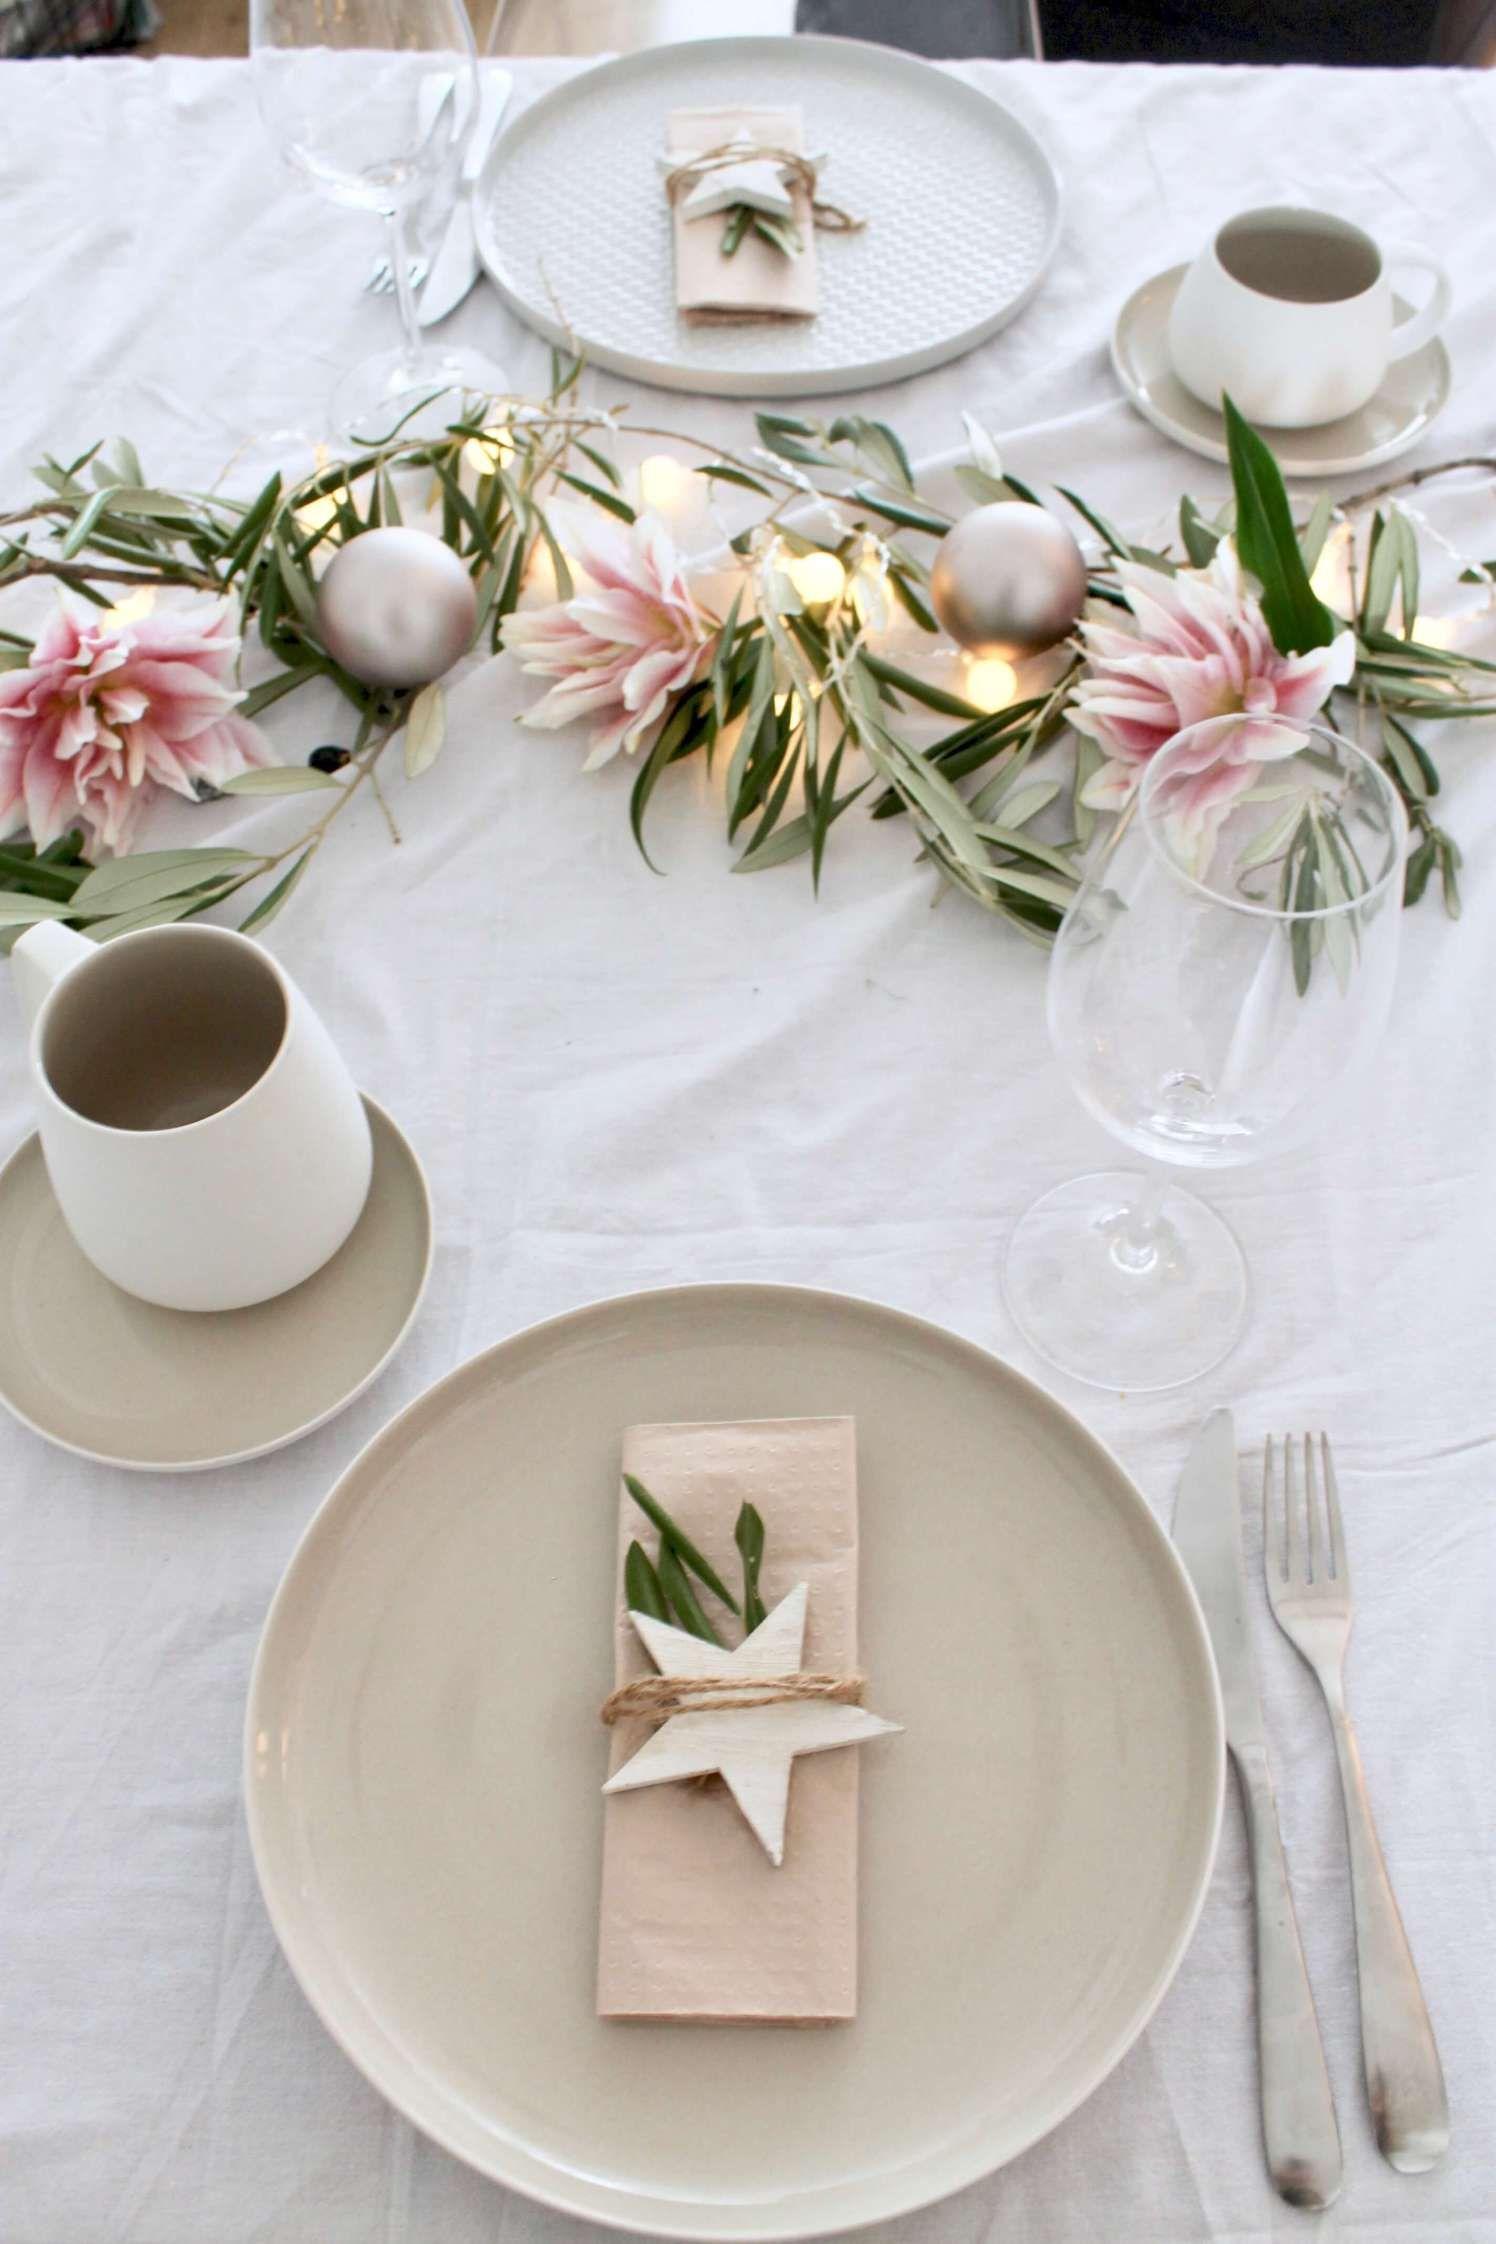 Tischchen, wechsel dich ° Zwei festliche skandinavische Tischdekorationen für Weihnachten ° Wow, mit Lichterkette!